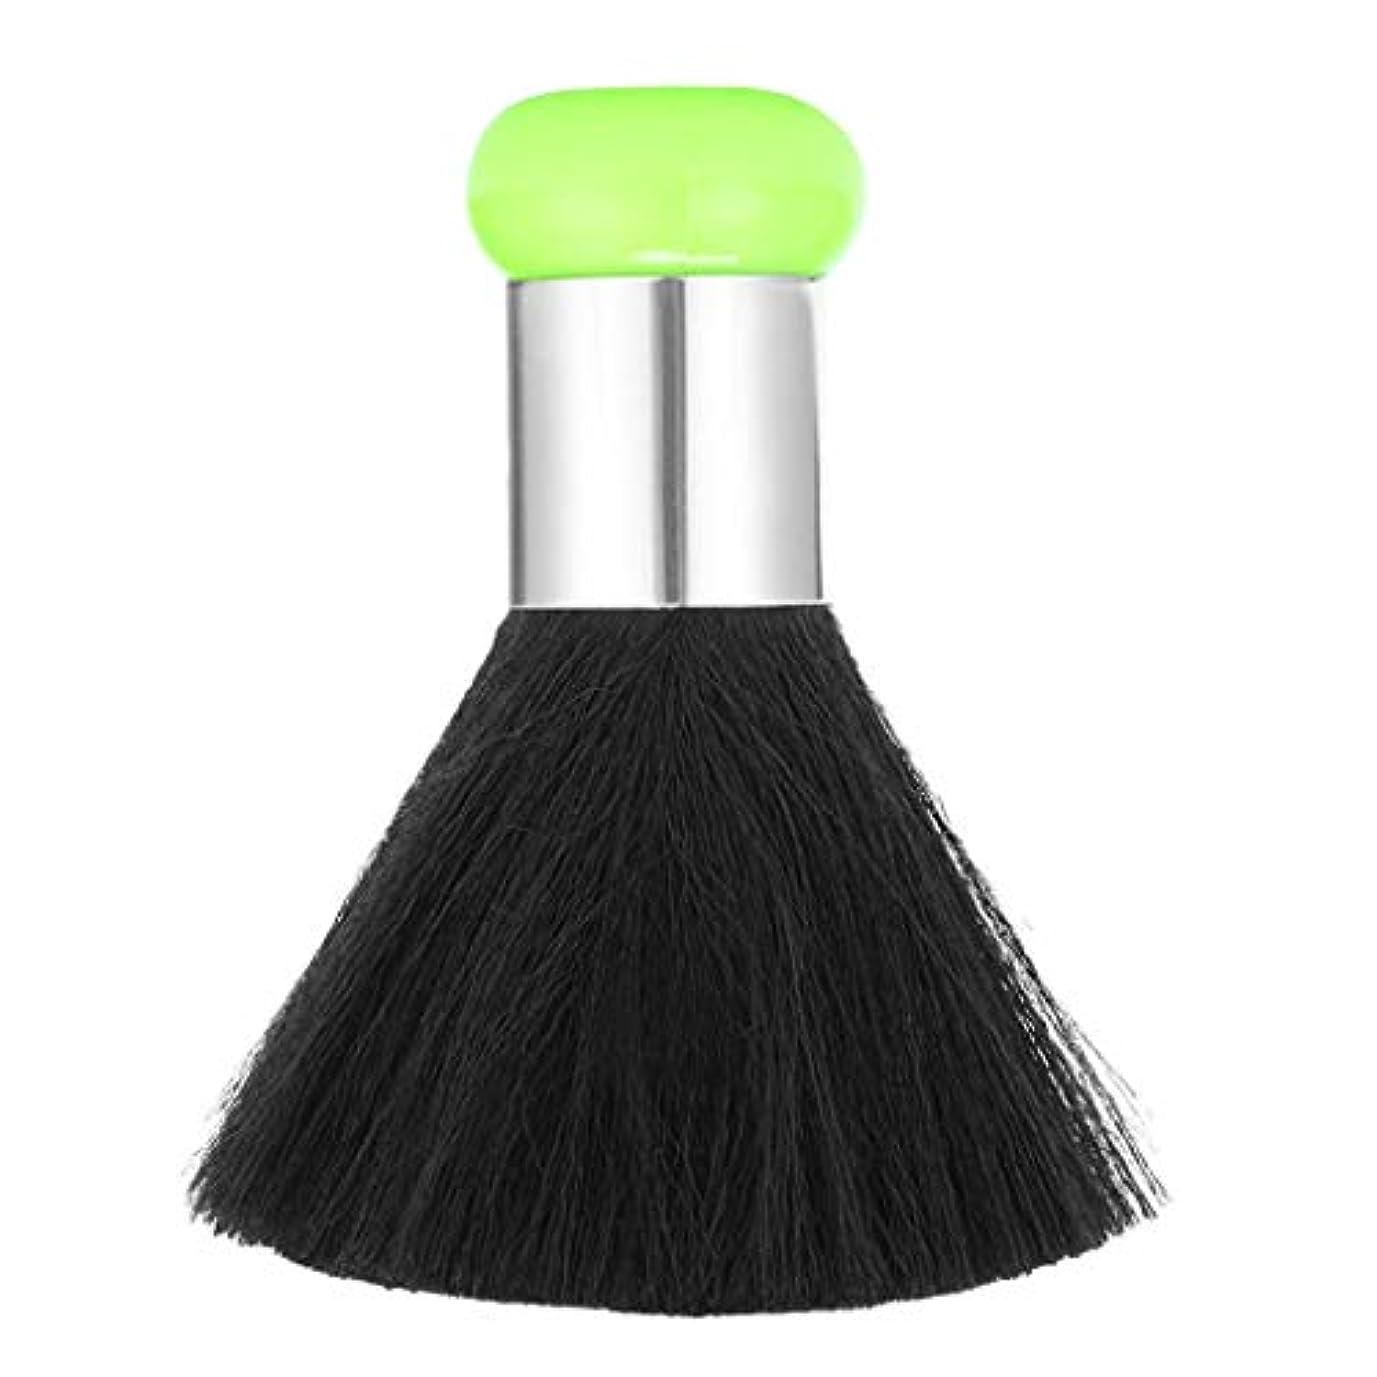 社会学肘で出来ているネックダスターブラシ ヘアカット 快適 美容師向け サロン 2色選べ - 緑